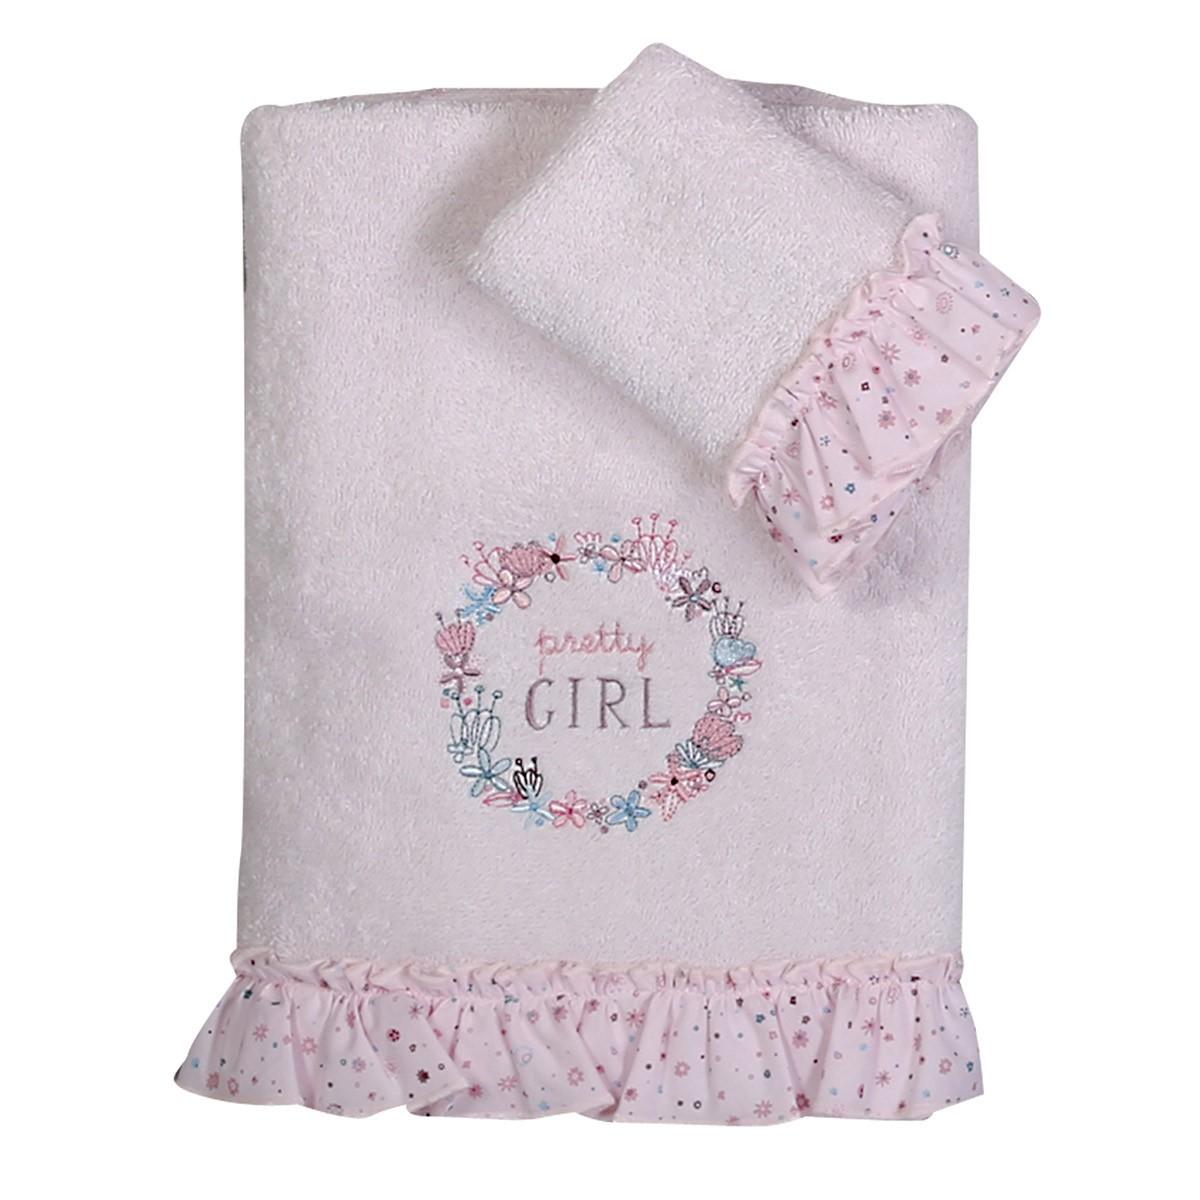 Βρεφικές Πετσέτες (Σετ 2τμχ) Nef-Nef Baby Pretty Girl 88785